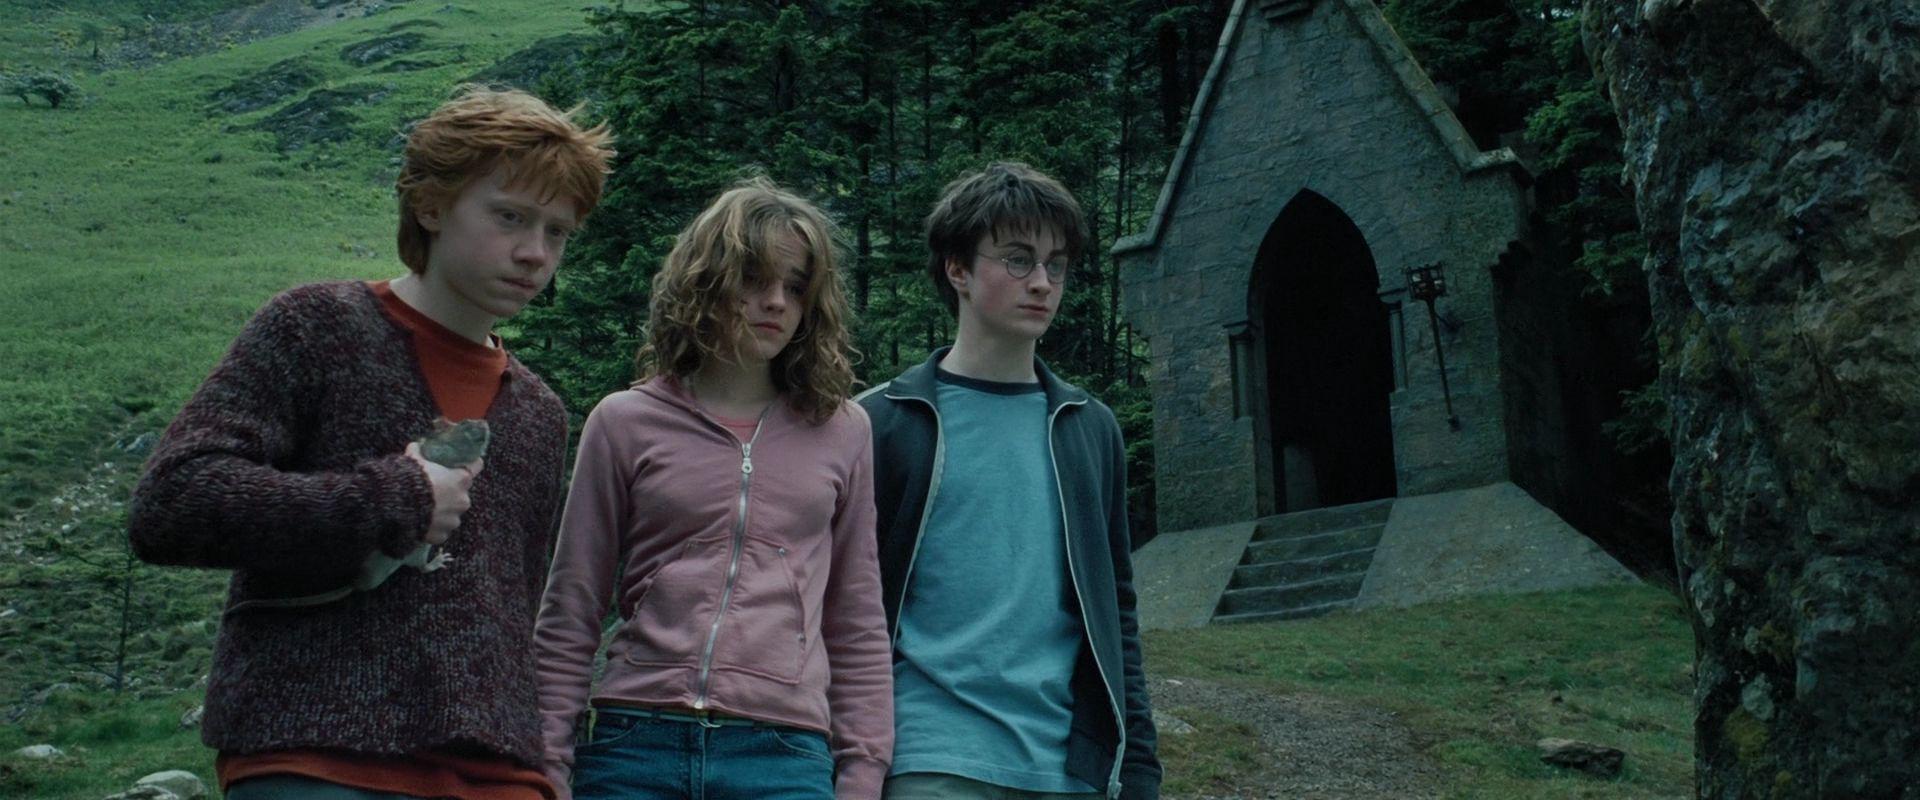 Harry Potter and the Prisoner of Azkaban (BluRay)